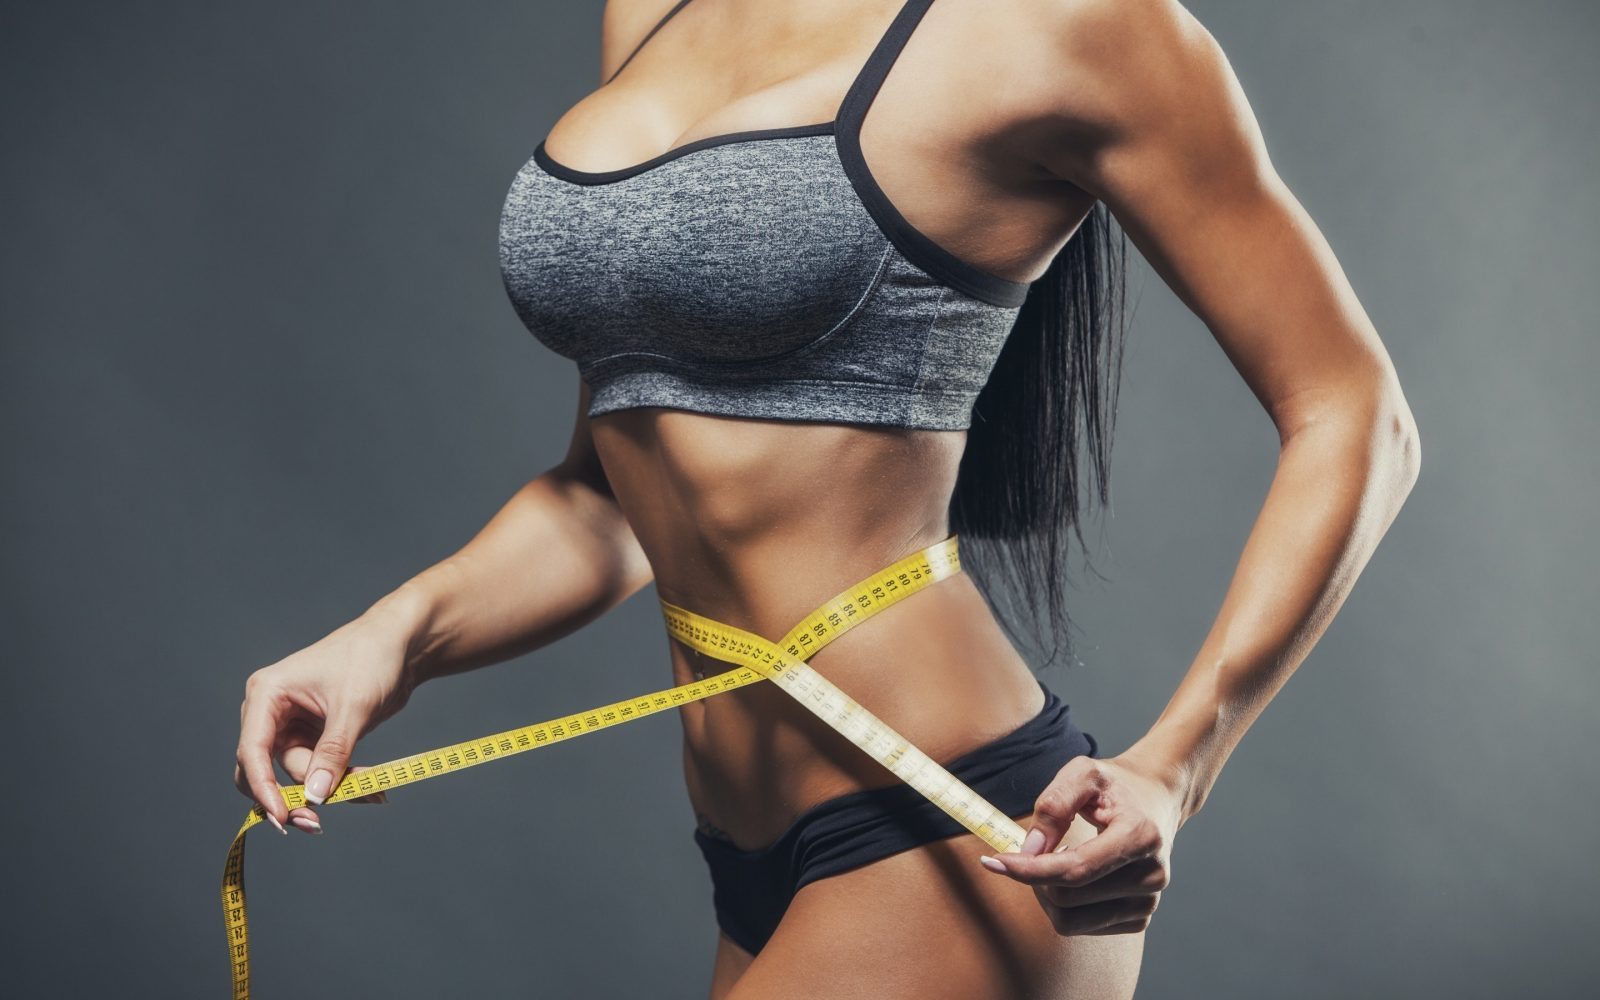 Белковая диета отрицательные последствия